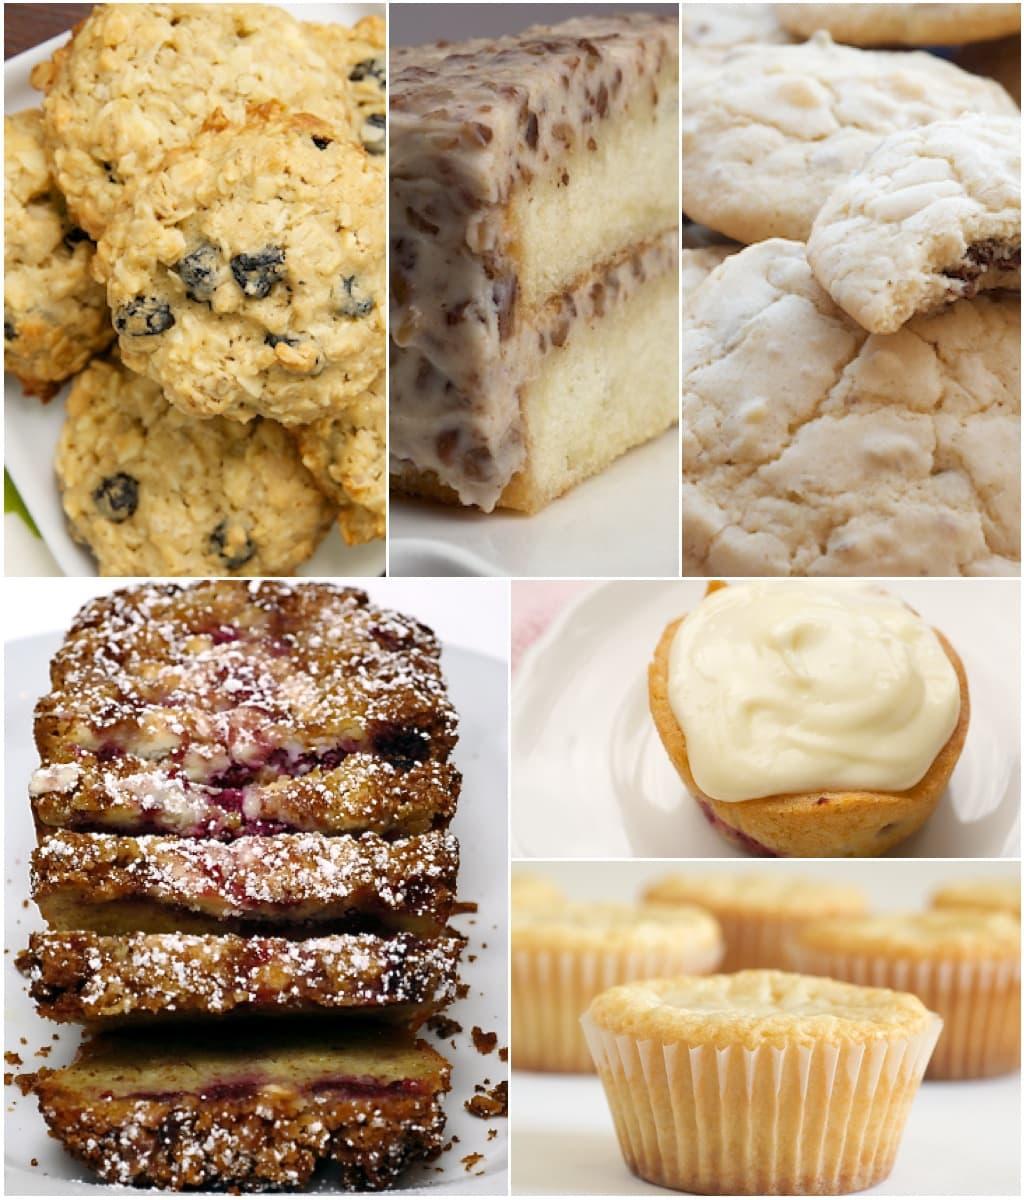 Favorite White Chocolate Baking Recipes | Bake or Break